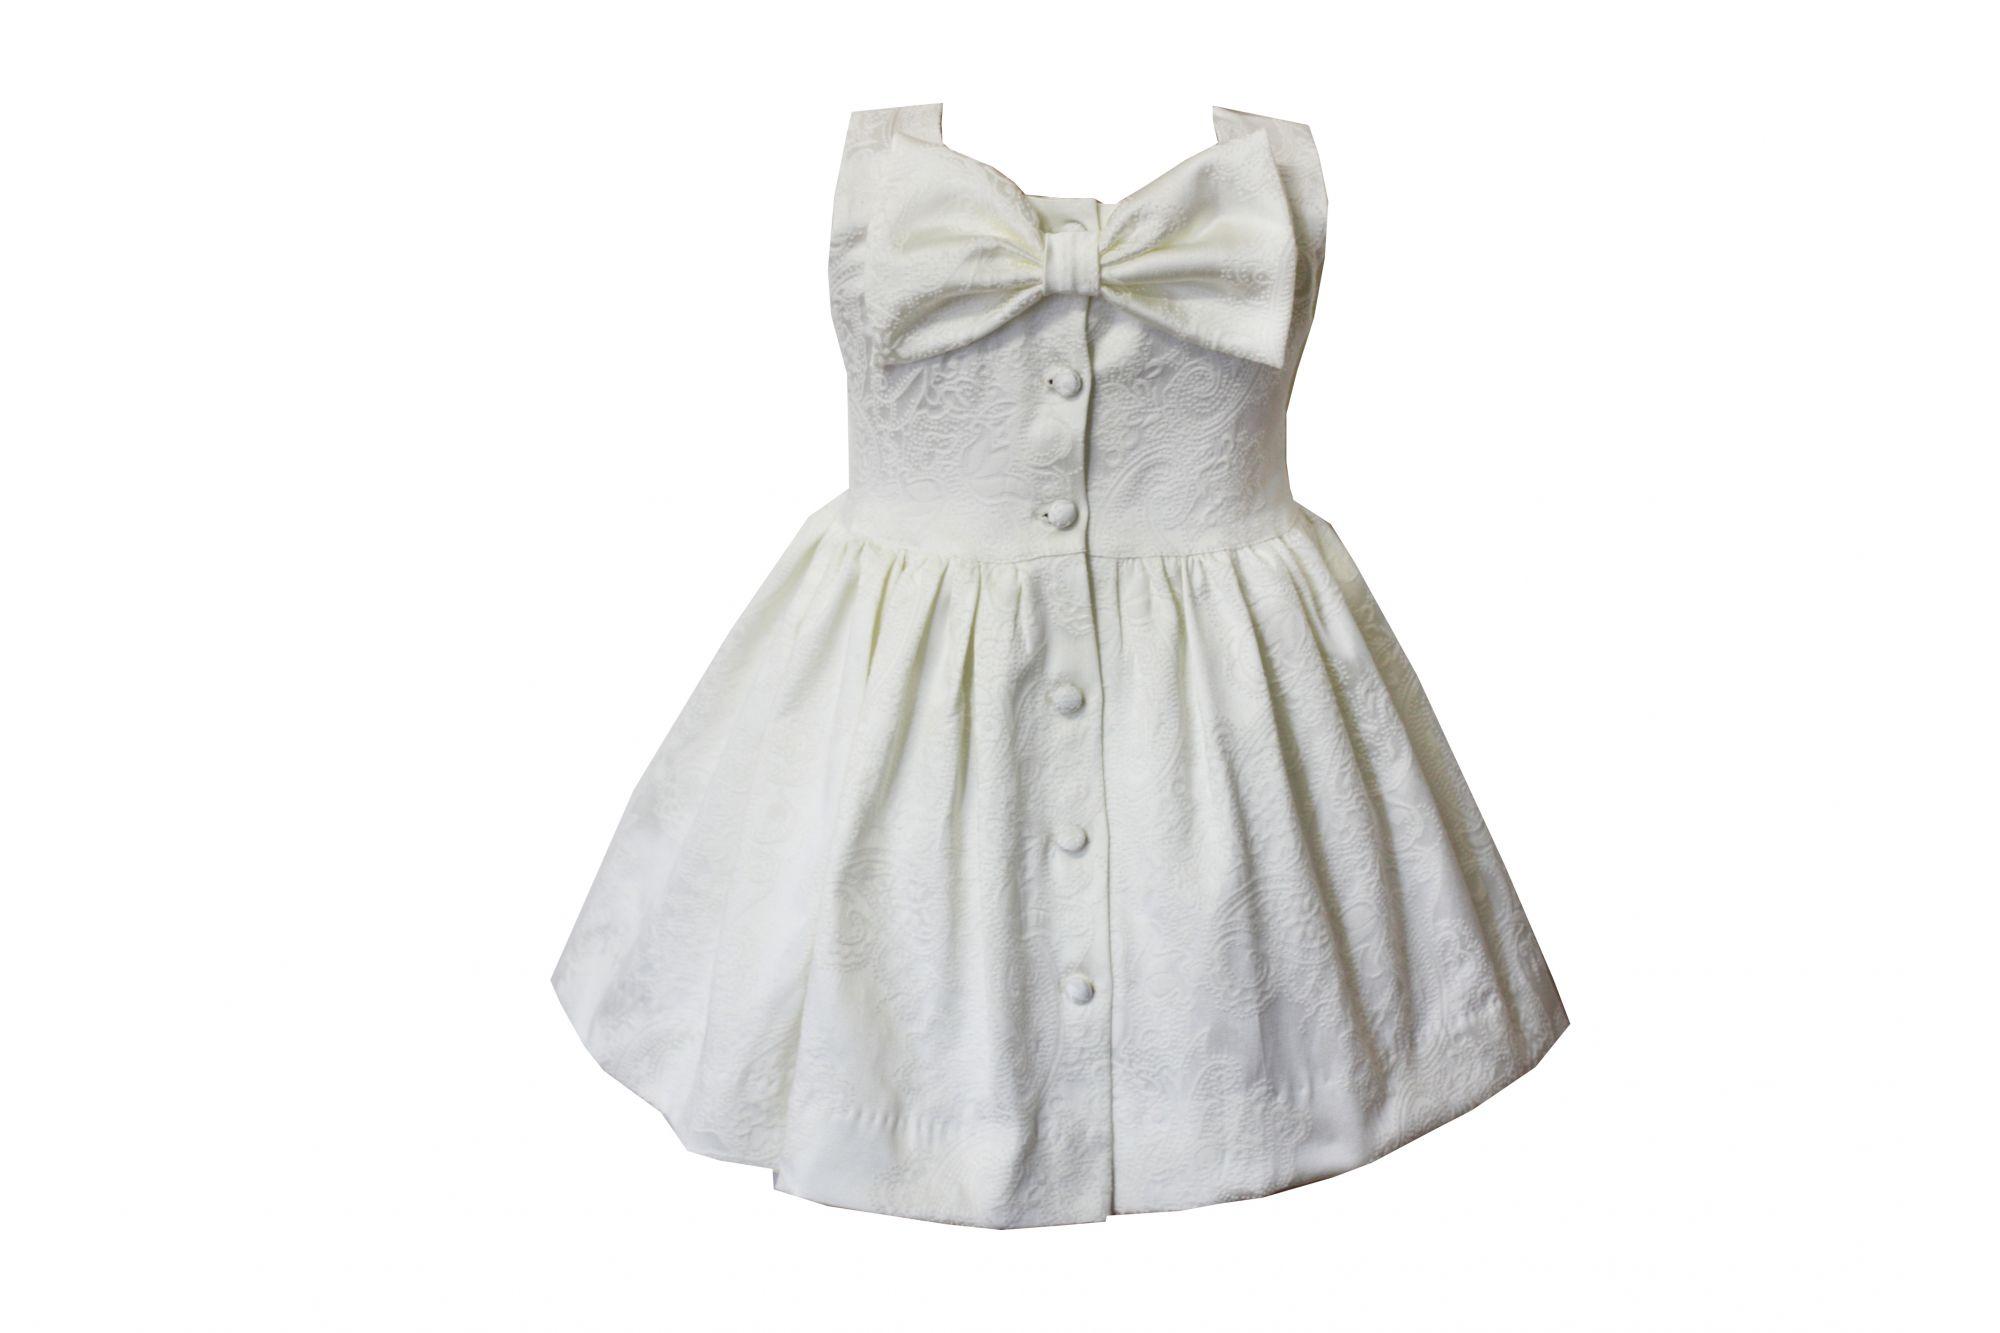 46669 Костюм тройка: Платье+трусы+повязка (жаккард) МОЛОЧНЫЙ